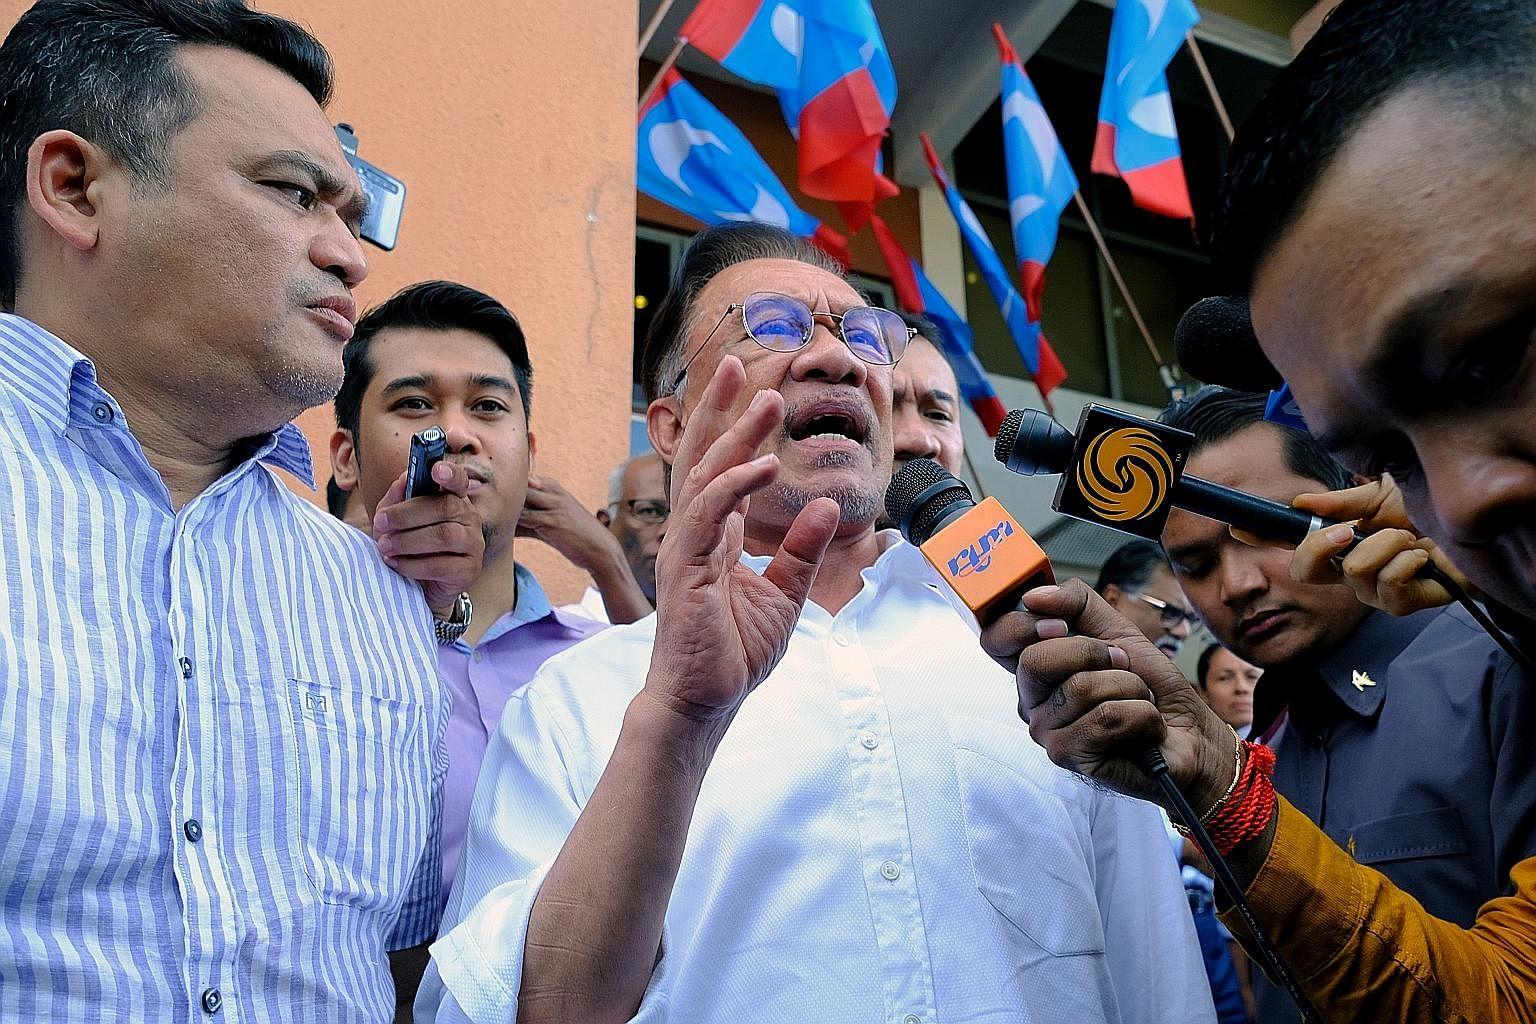 基迪兰·拉基特党主席安瓦尔·易卜拉欣上周一向媒体发表了讲话,那天马哈迪博士向马来西亚国王递交了辞呈总理的那一天。那天安华先生和马哈迪博士也见了面。